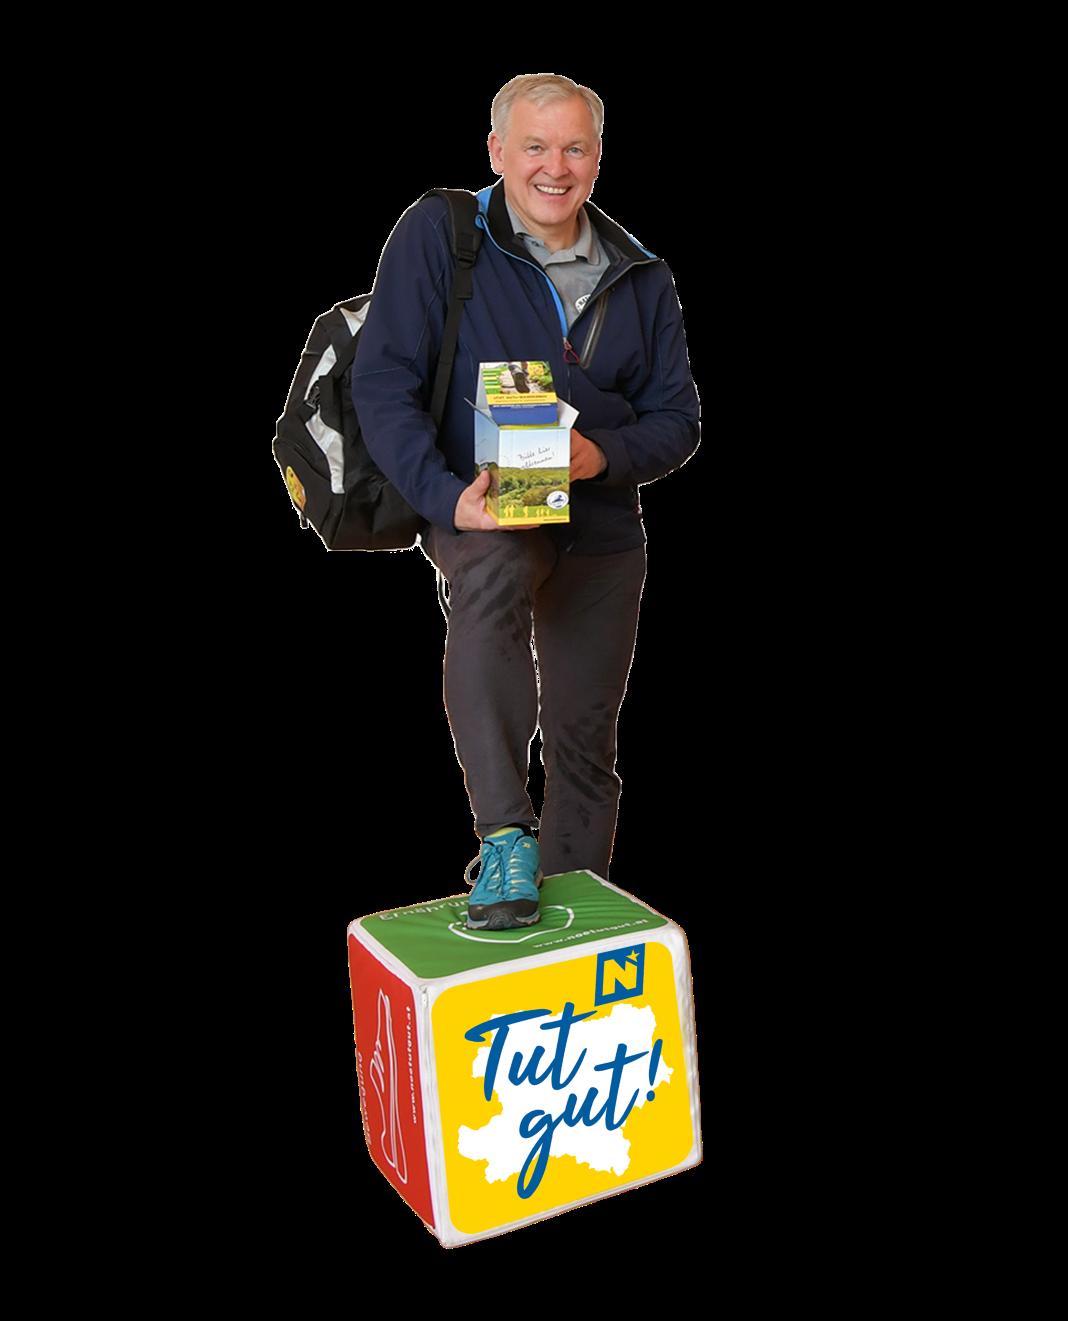 Die-Tut-gut-Wanderbox-ist-wieder-da